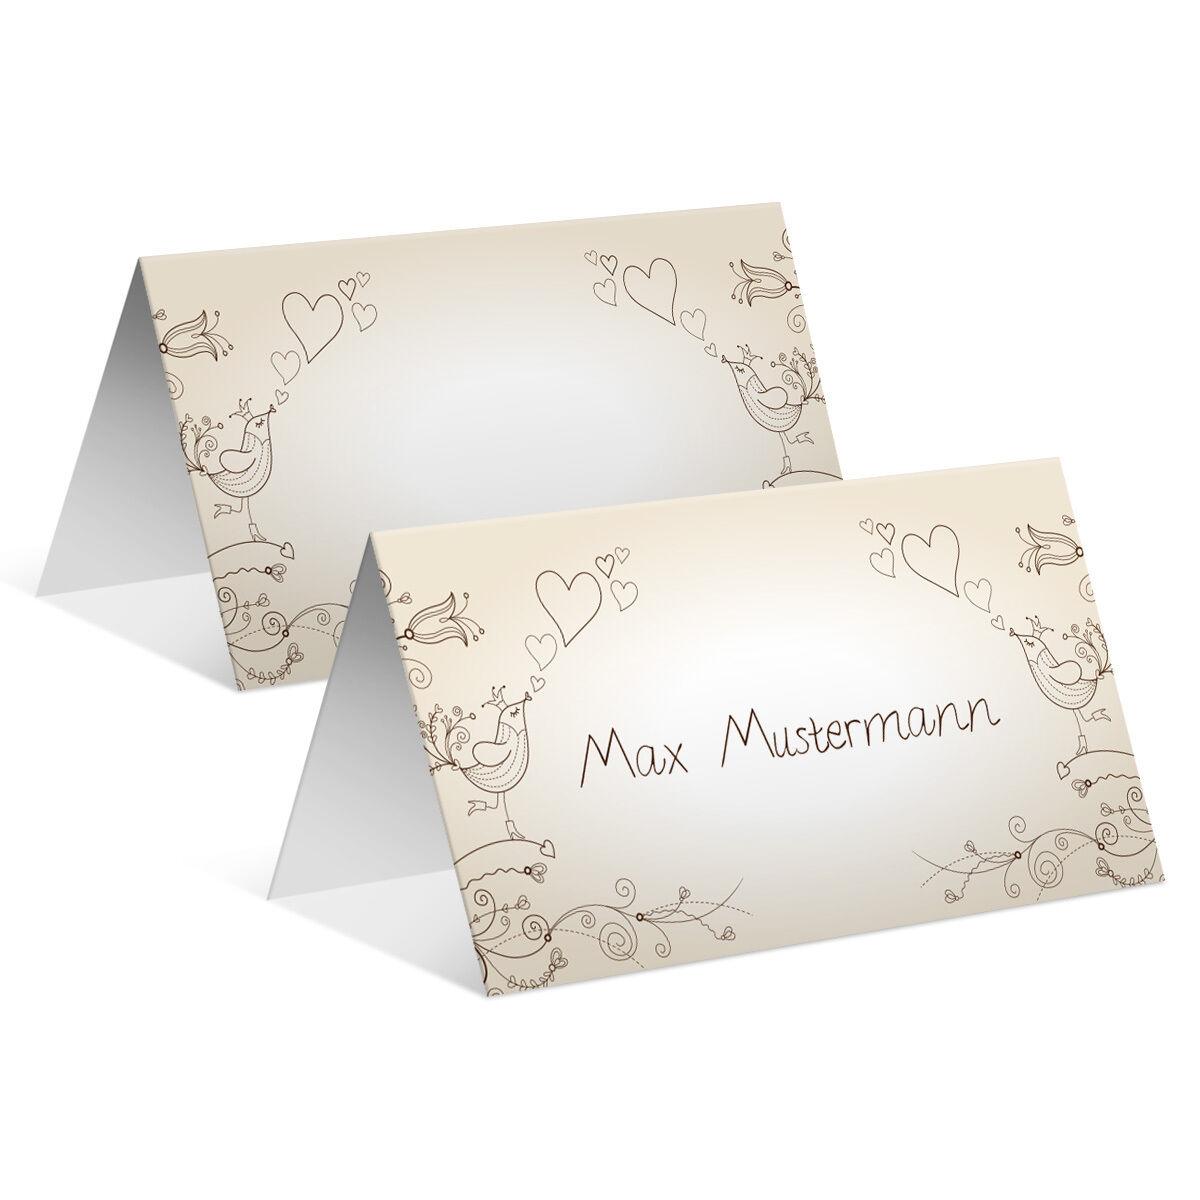 Tischkarten Hochzeit - Liebesbaum - Platzkarten Namenskarten | Erste Qualität  | Ein Gleichgewicht zwischen Zähigkeit und Härte